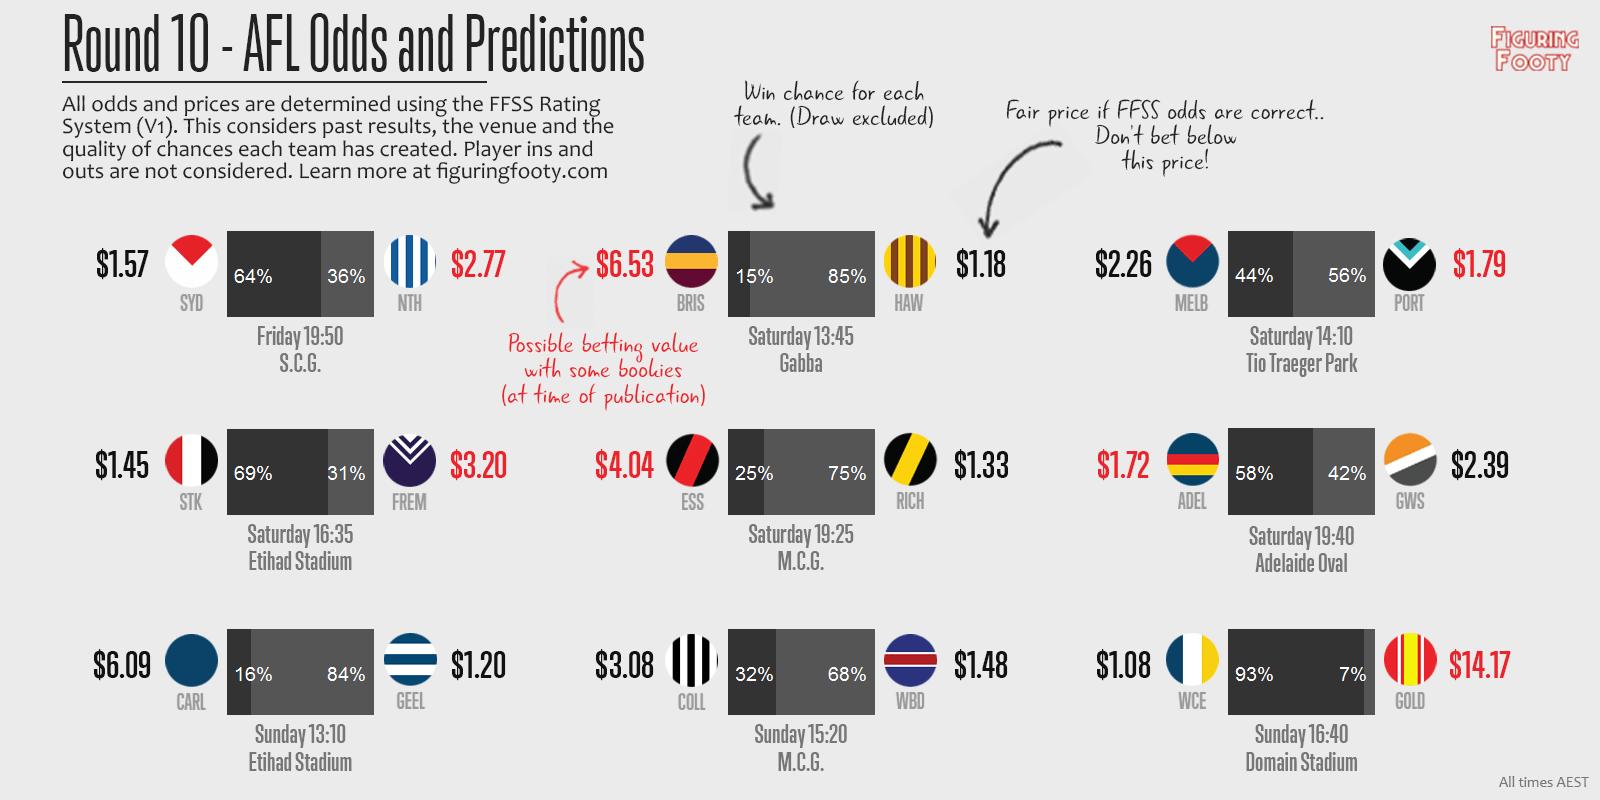 FFSS Week 10 Predictions